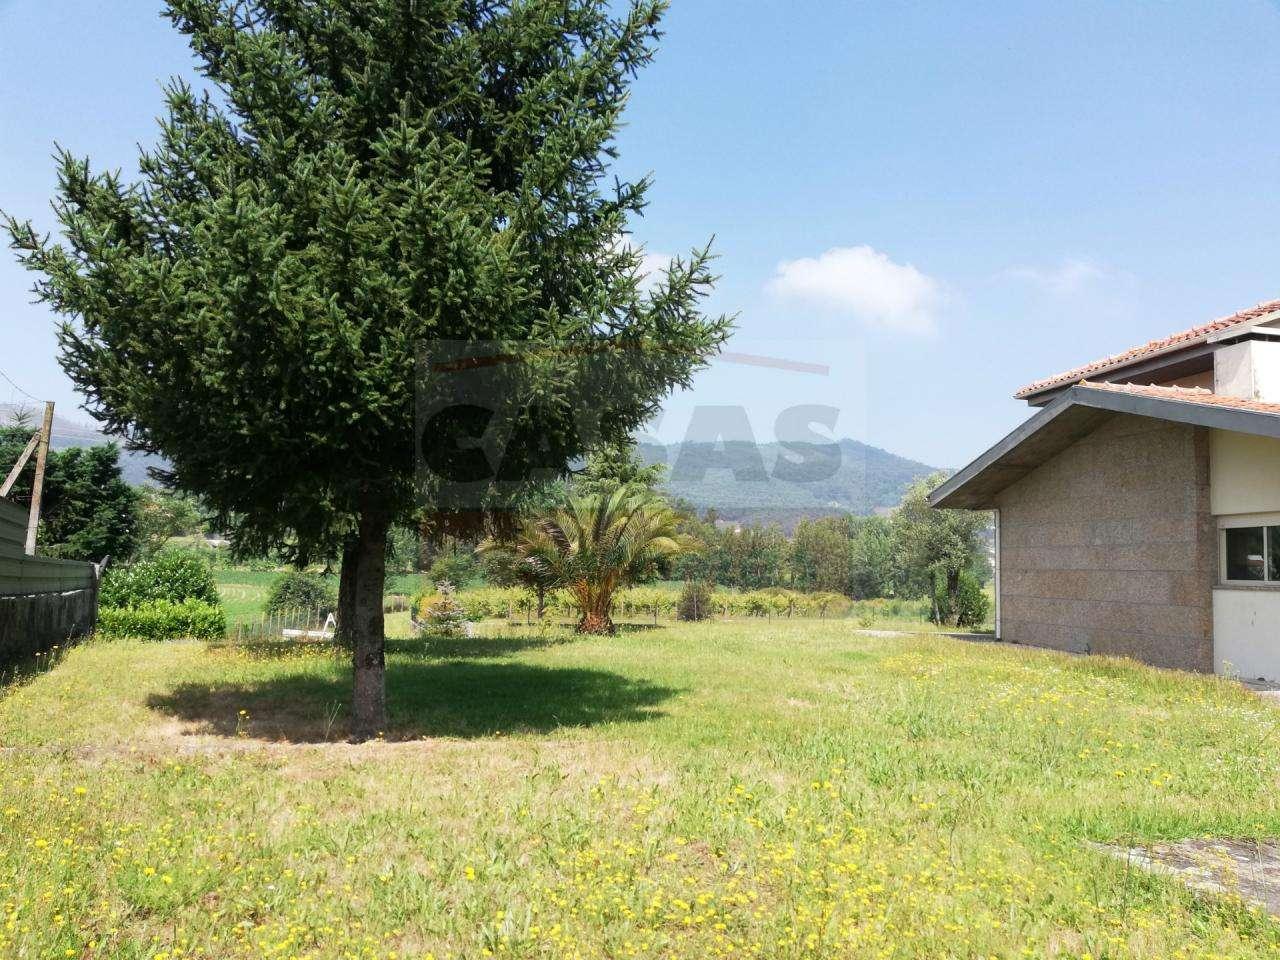 Quintas e herdades para comprar, Sande Vila Nova e Sande São Clemente, Guimarães, Braga - Foto 57